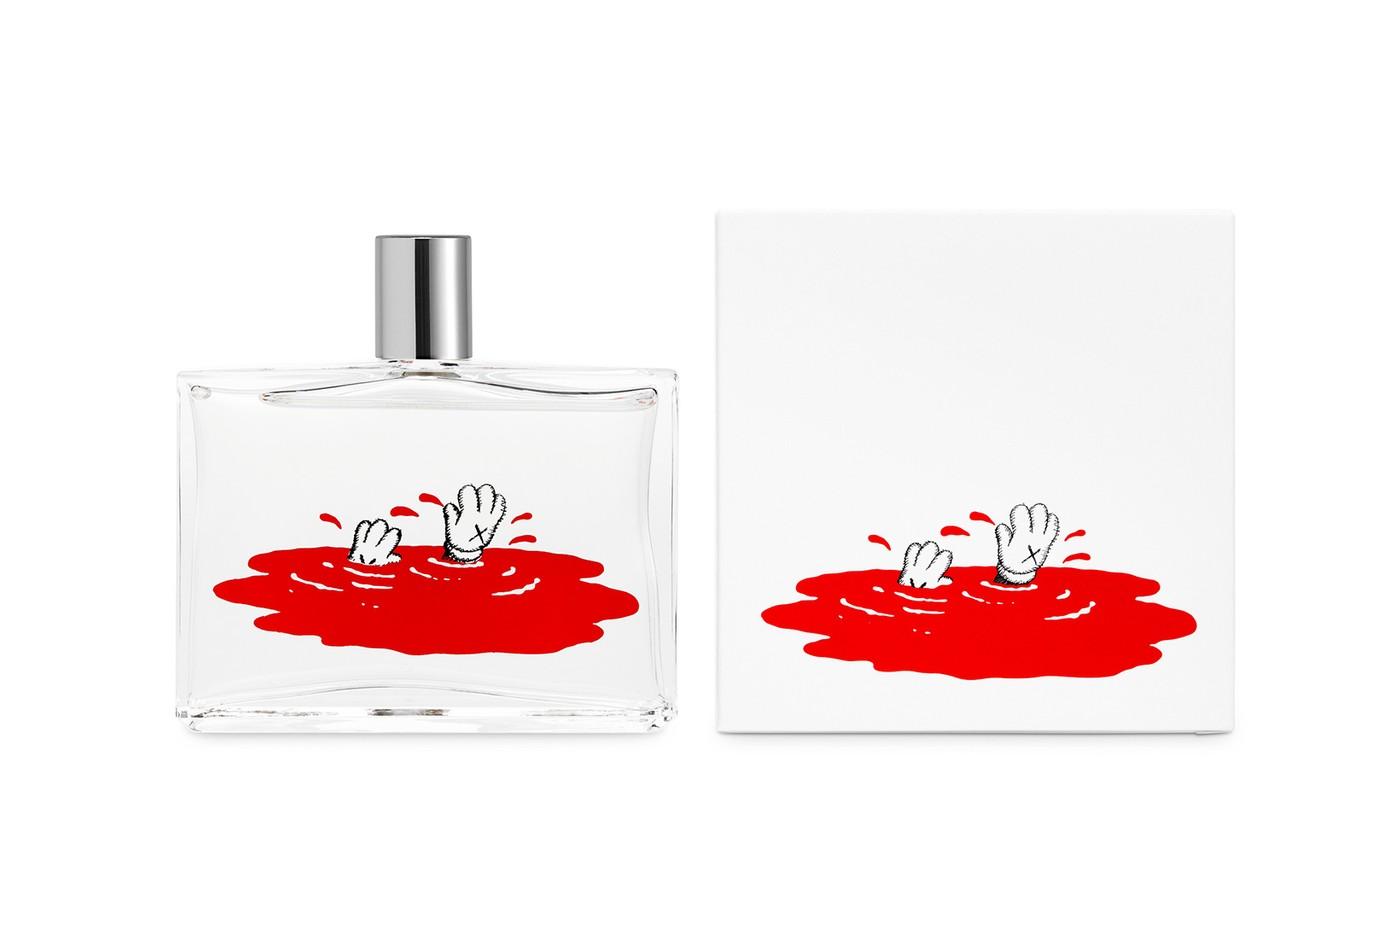 Художник KAWS создал аромат в коллаборации с Comme des Garçons (фото 1)